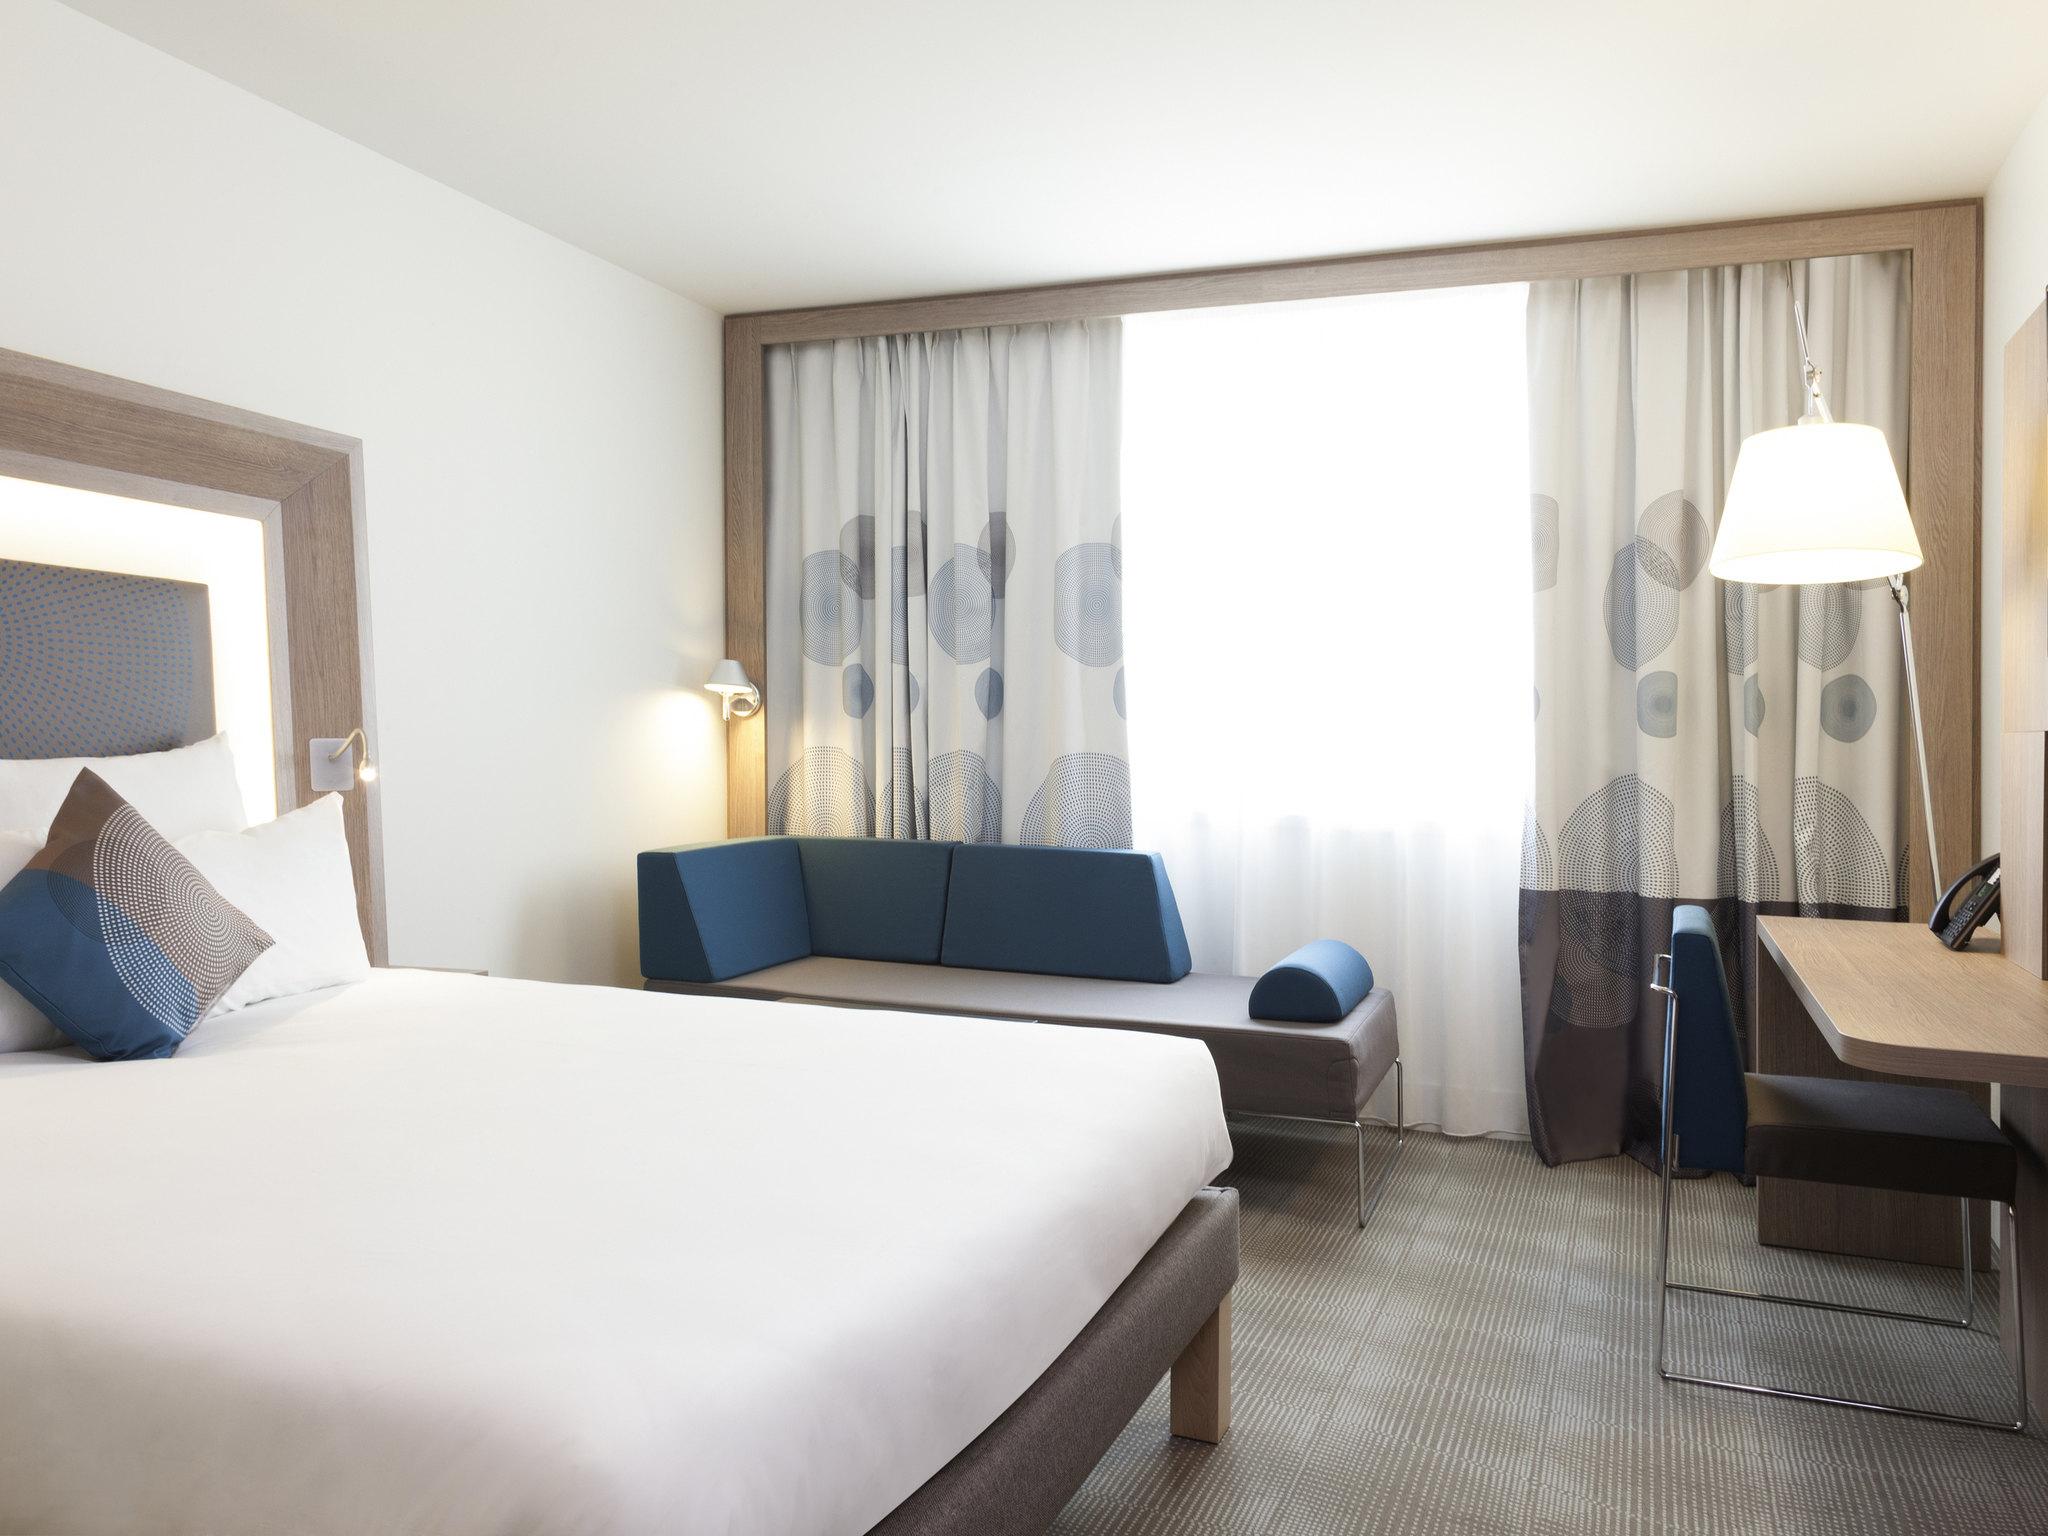 酒店 – 巴黎圣丹尼体育场大教堂诺富特酒店